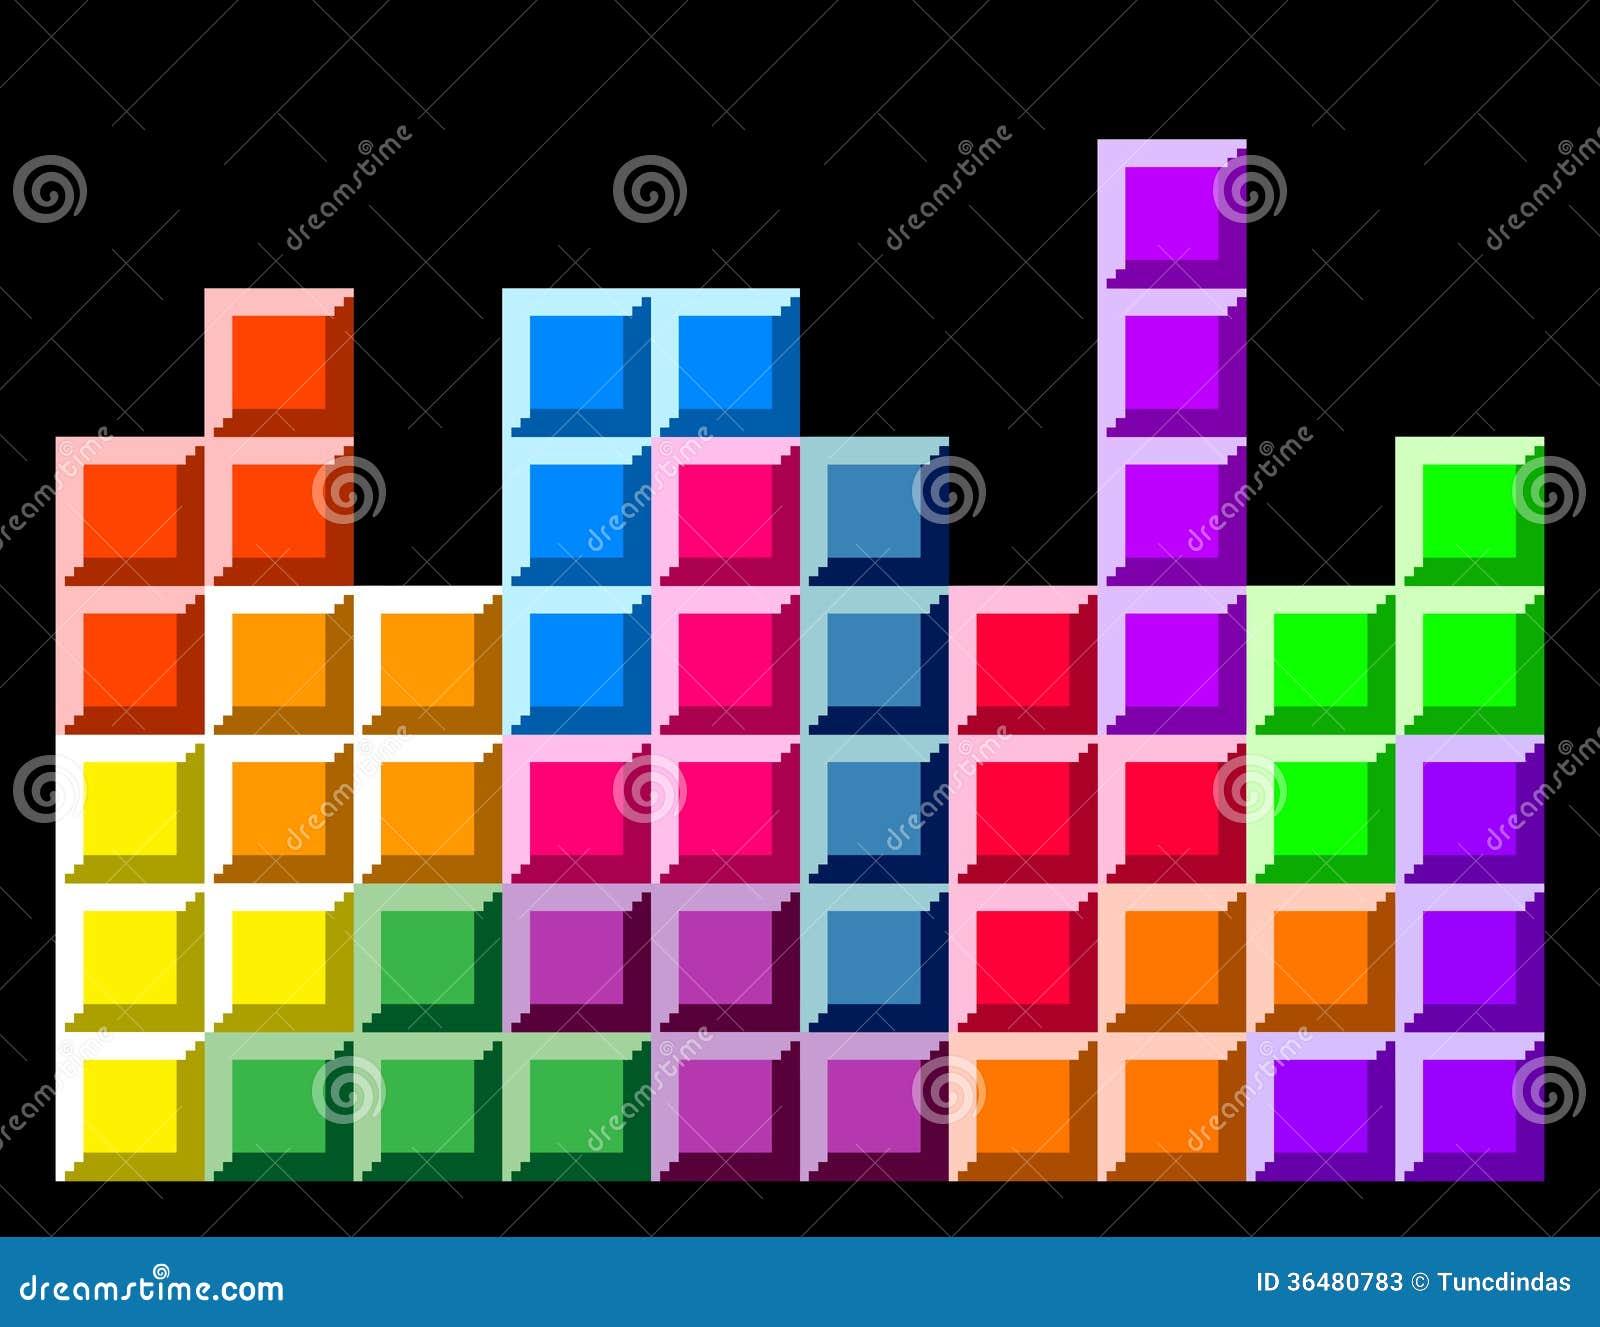 Block Games